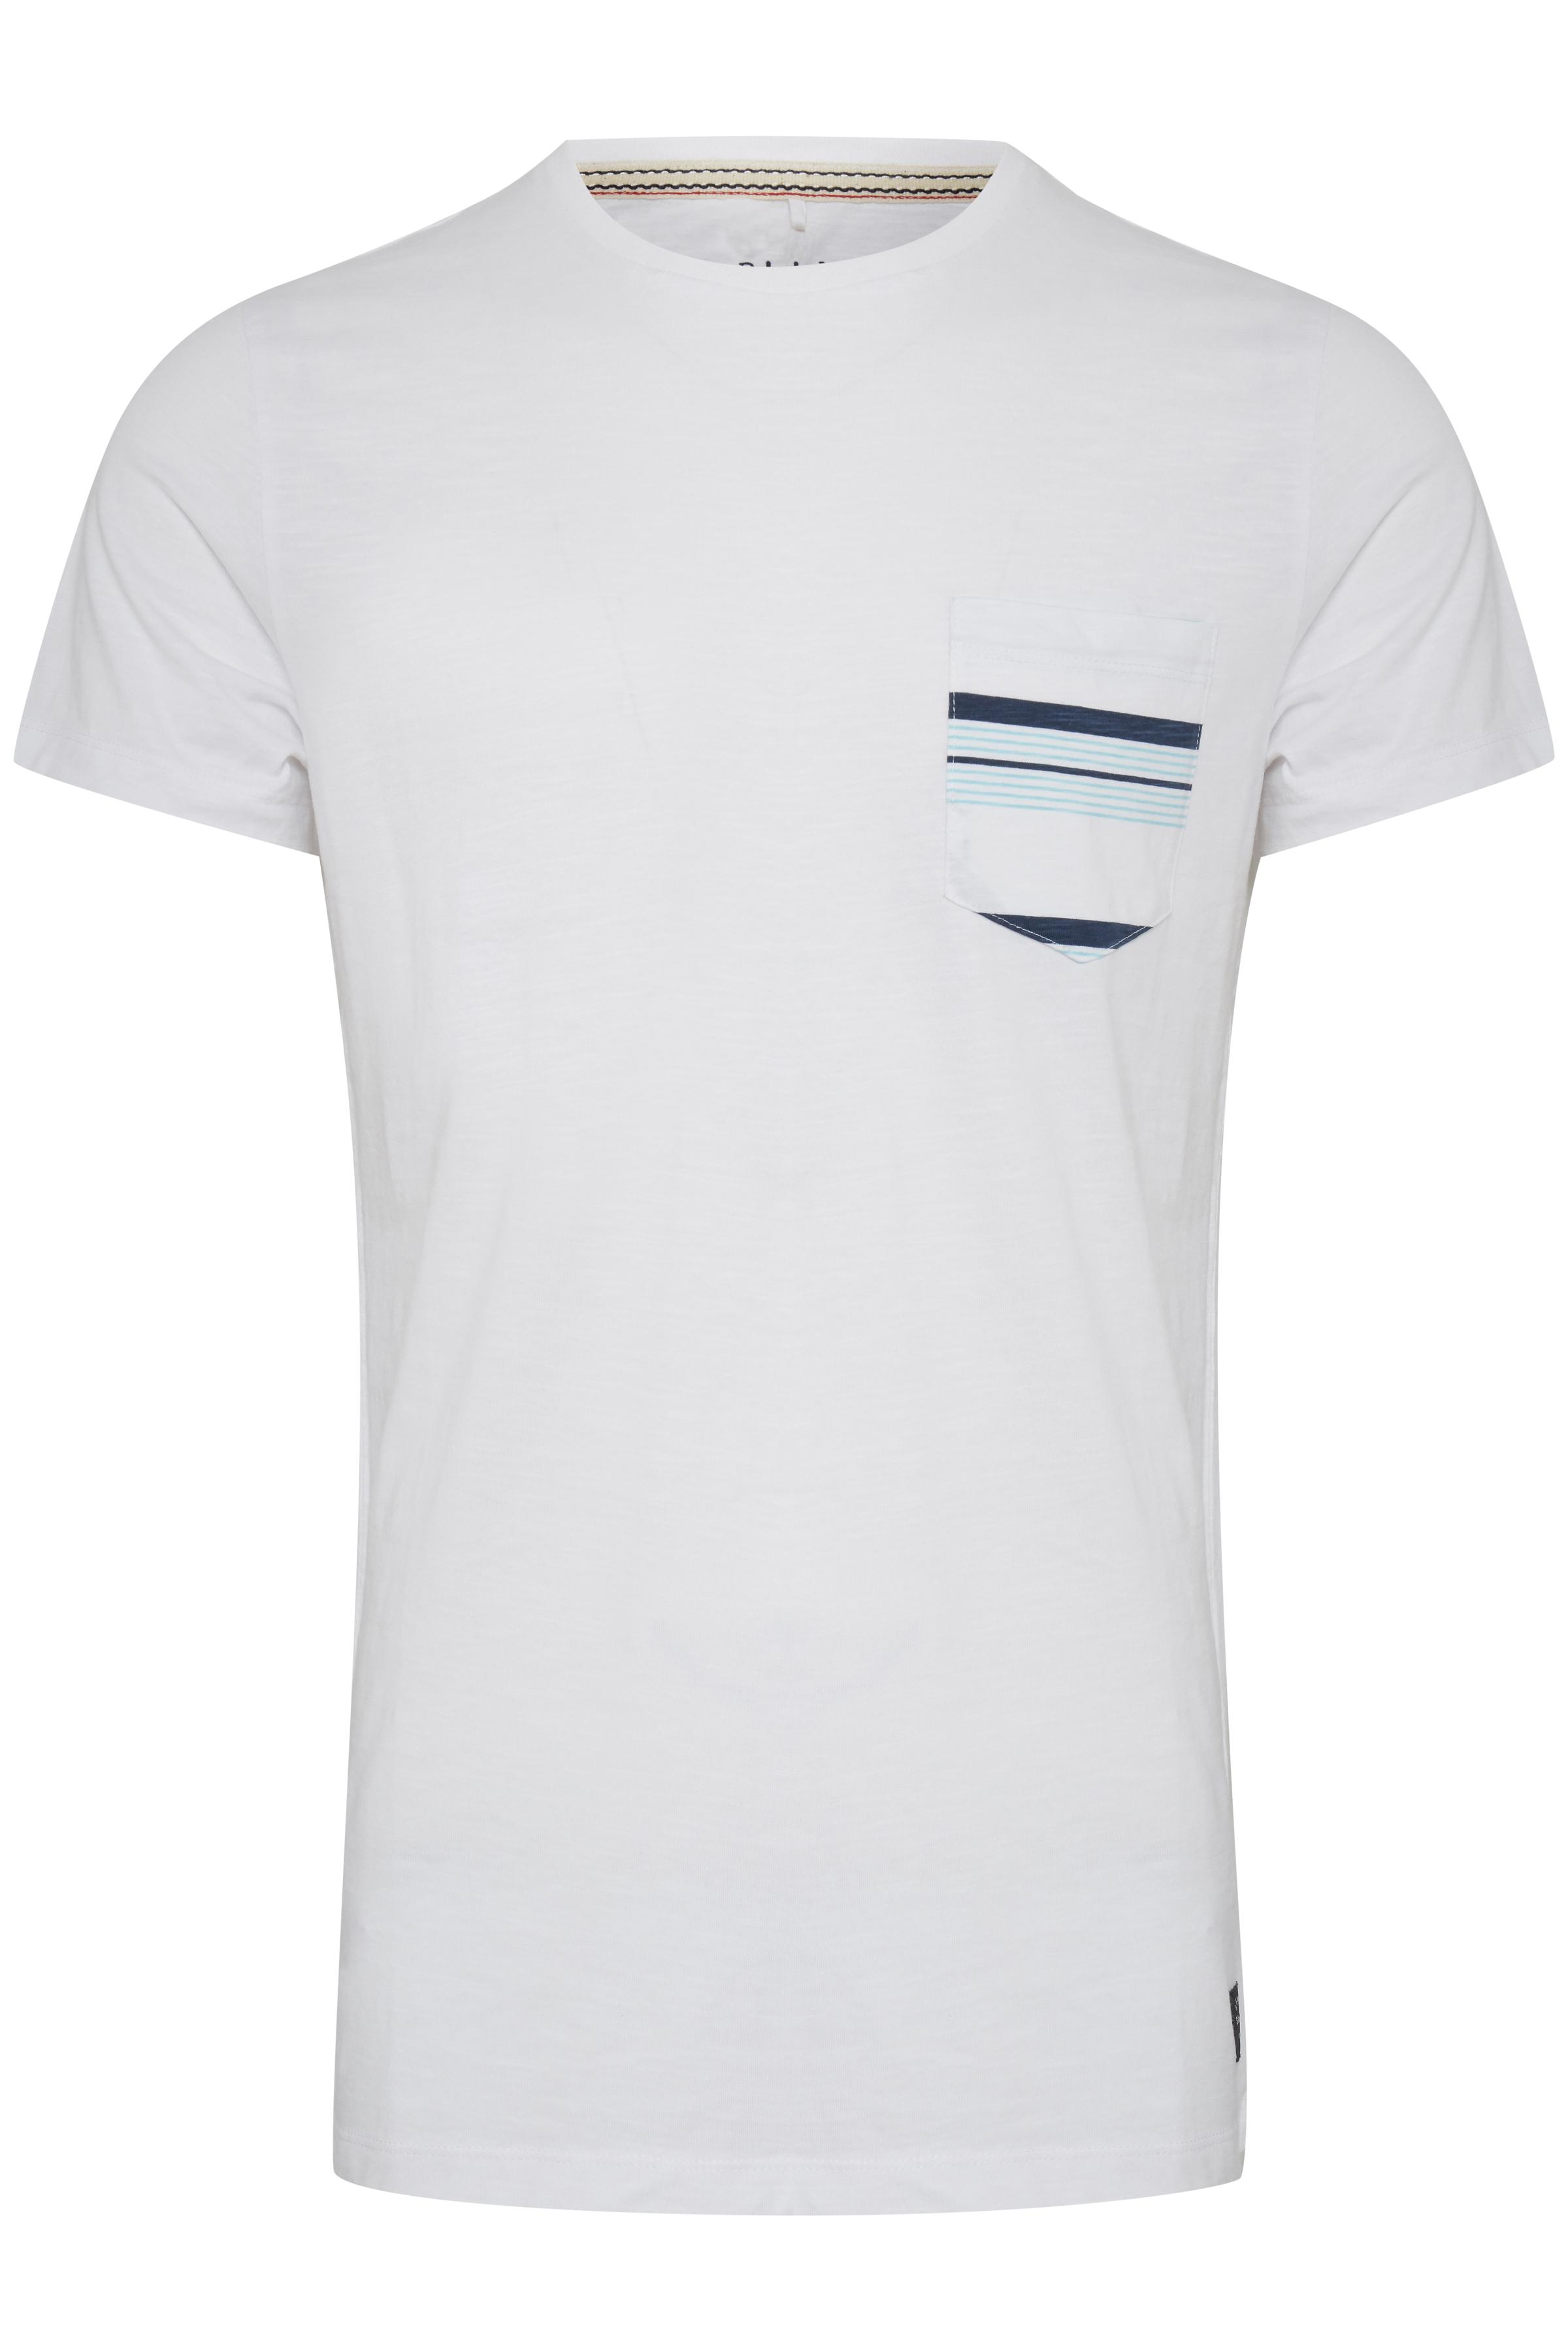 White T-shirt – Køb White T-shirt fra str. S-XXL her